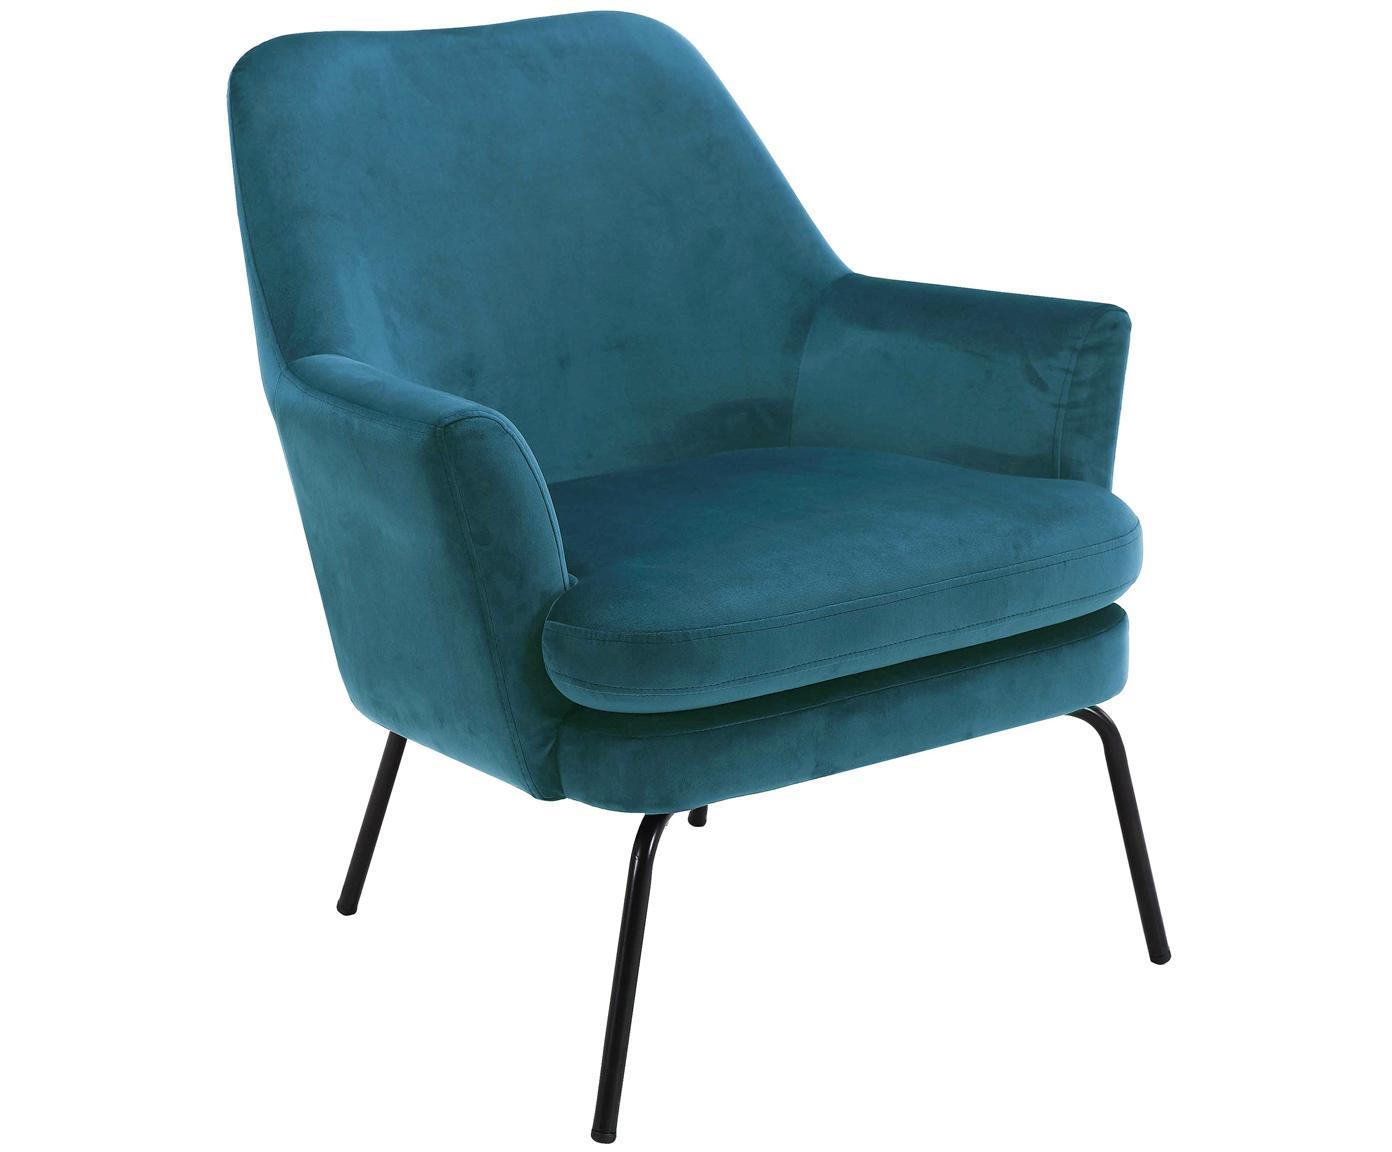 Poltrona in velluto blu Chisa, Rivestimento: poliestere (velluto) Il r, Gambe: metallo verniciato a polv, Velluto blu navy, Larg. 68 x Prof. 73 cm